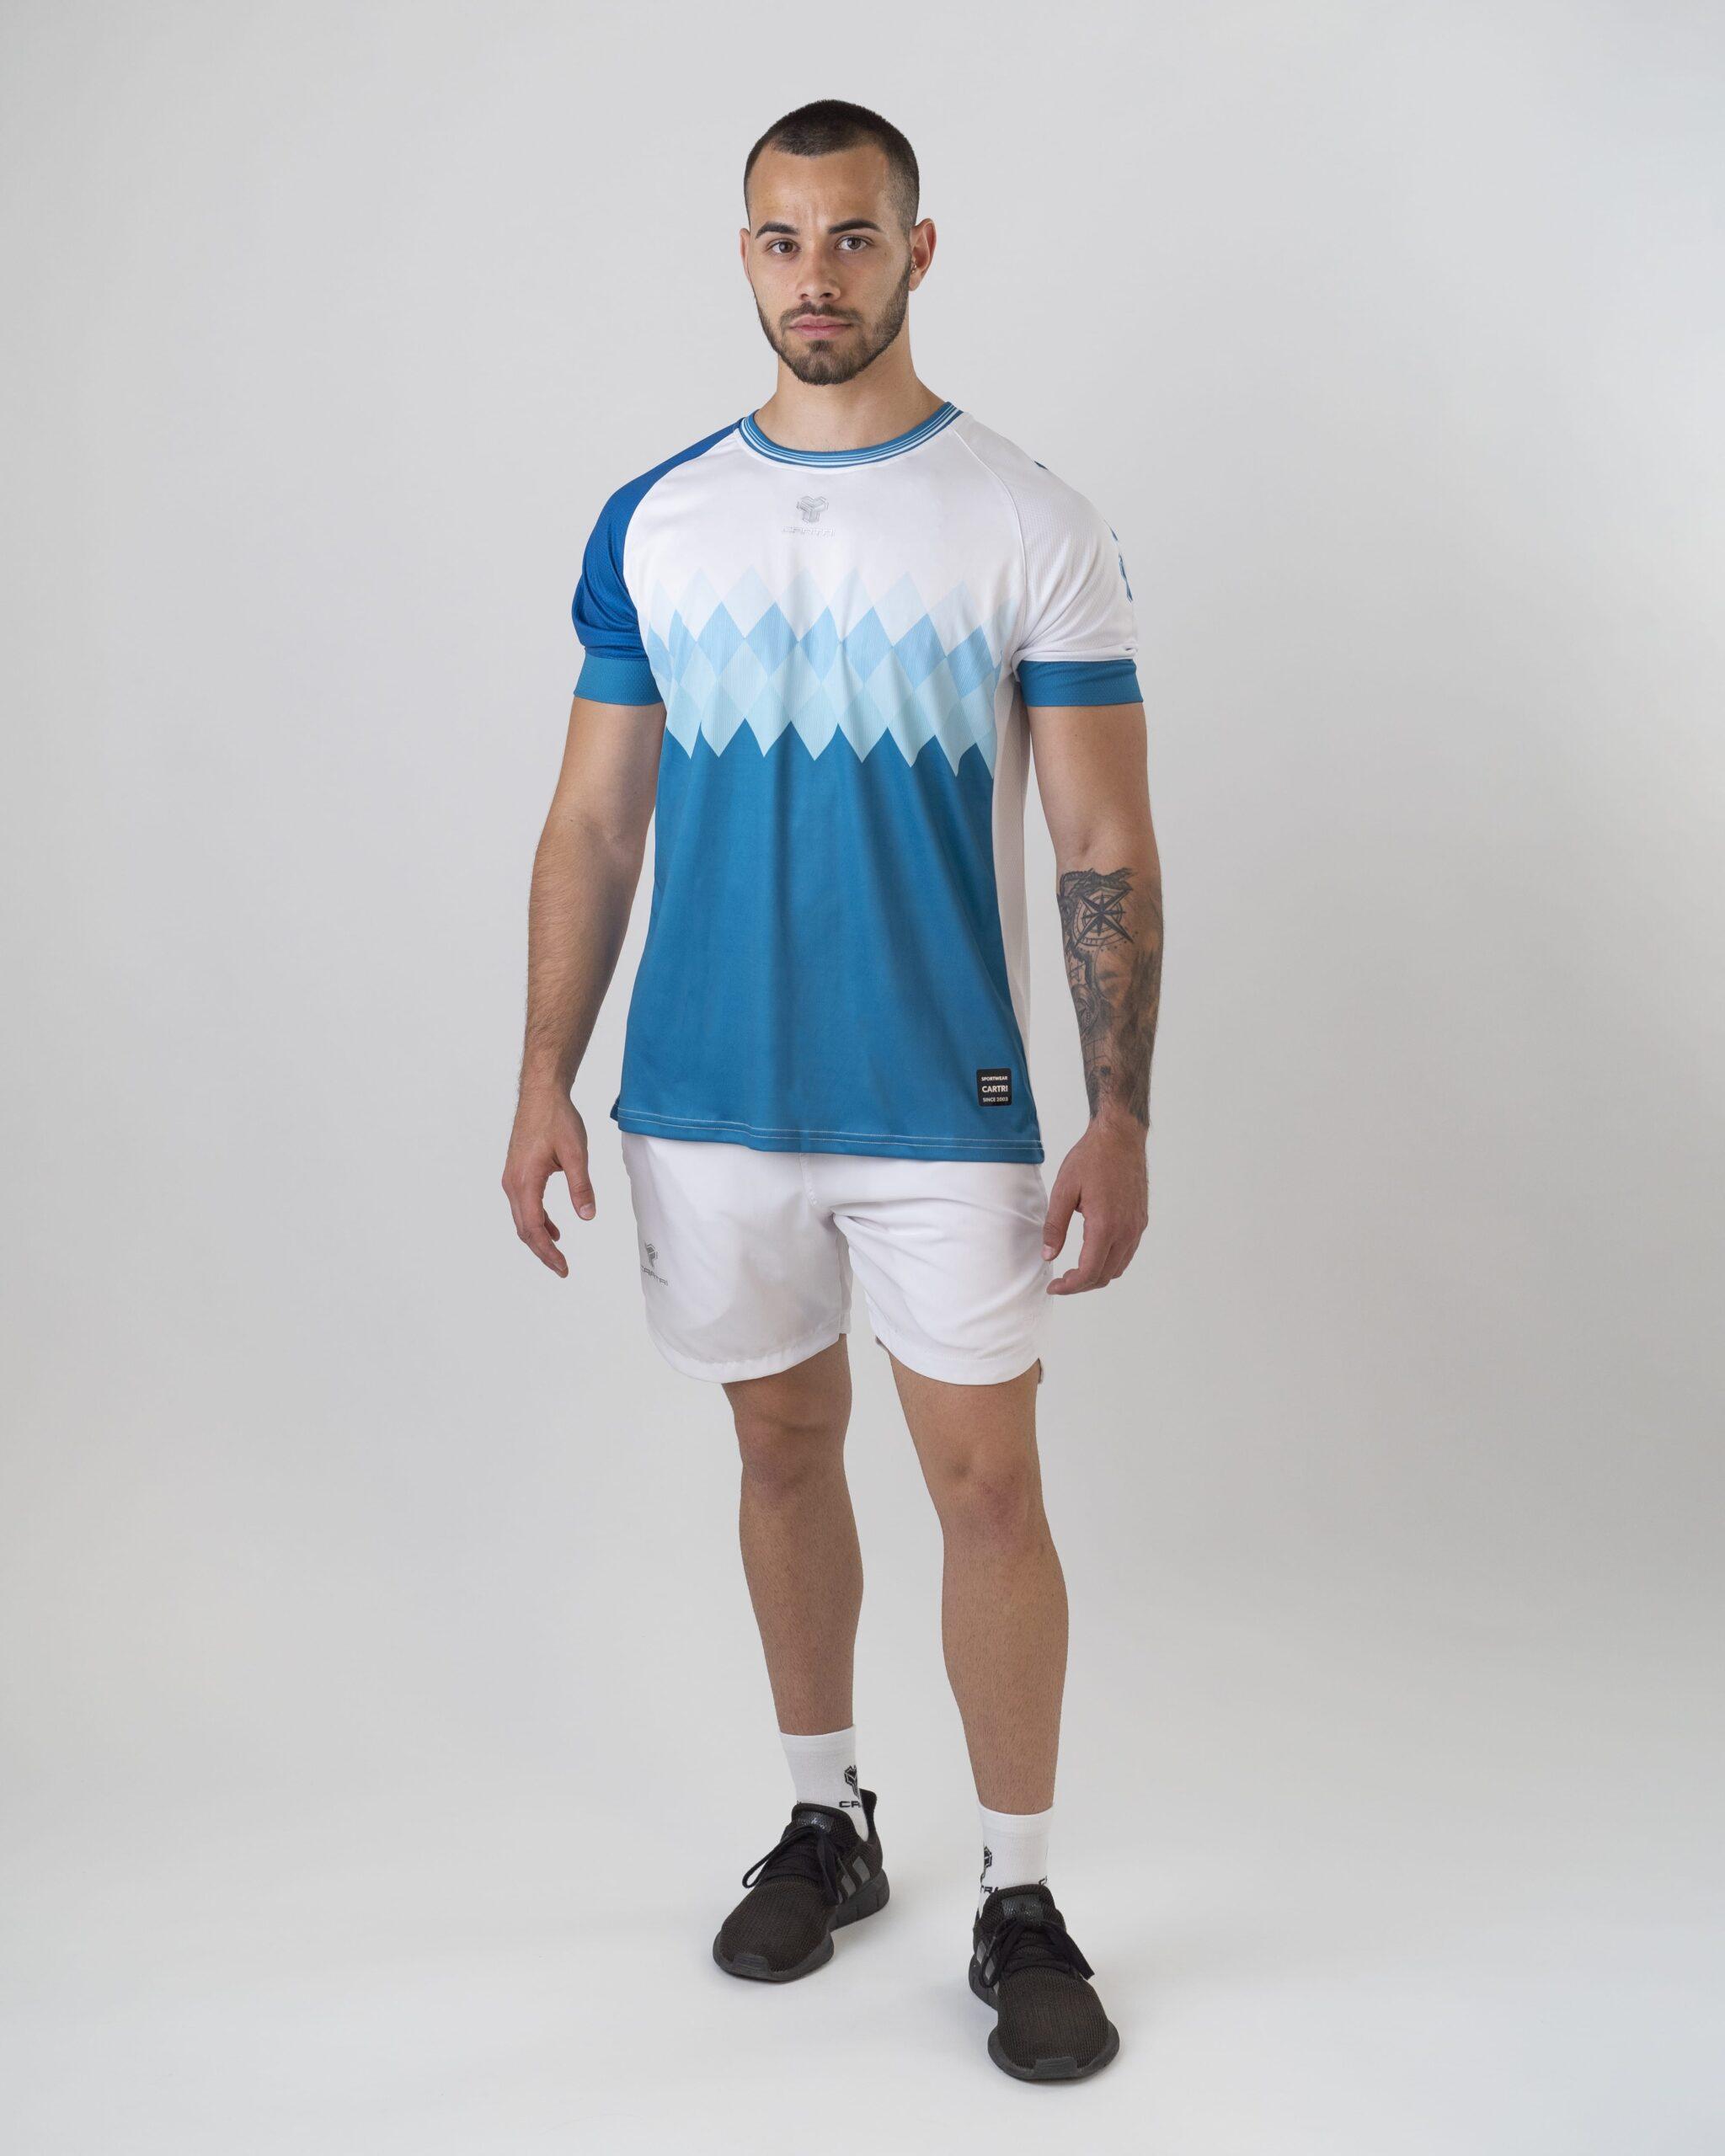 Cartri T Shirt Manchester 2021 Face